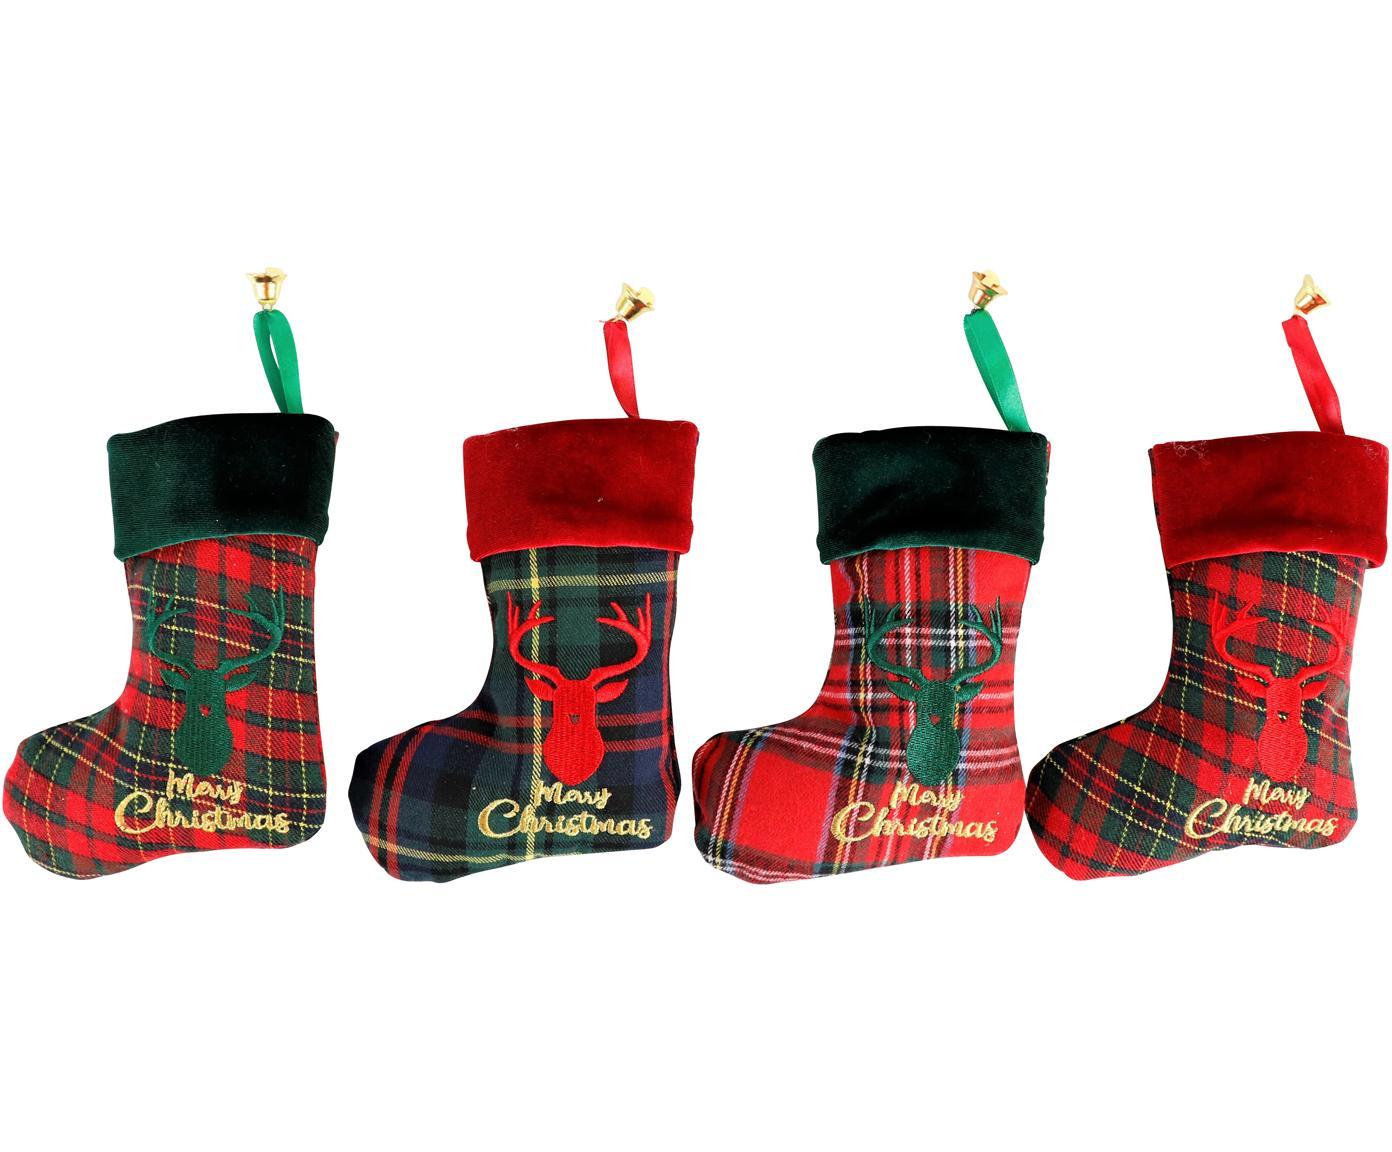 Decoratieve objectenset Merry Christmas, 4-delig, Polyester, katoen, Groen, rood, zwart, 14 x 17 cm